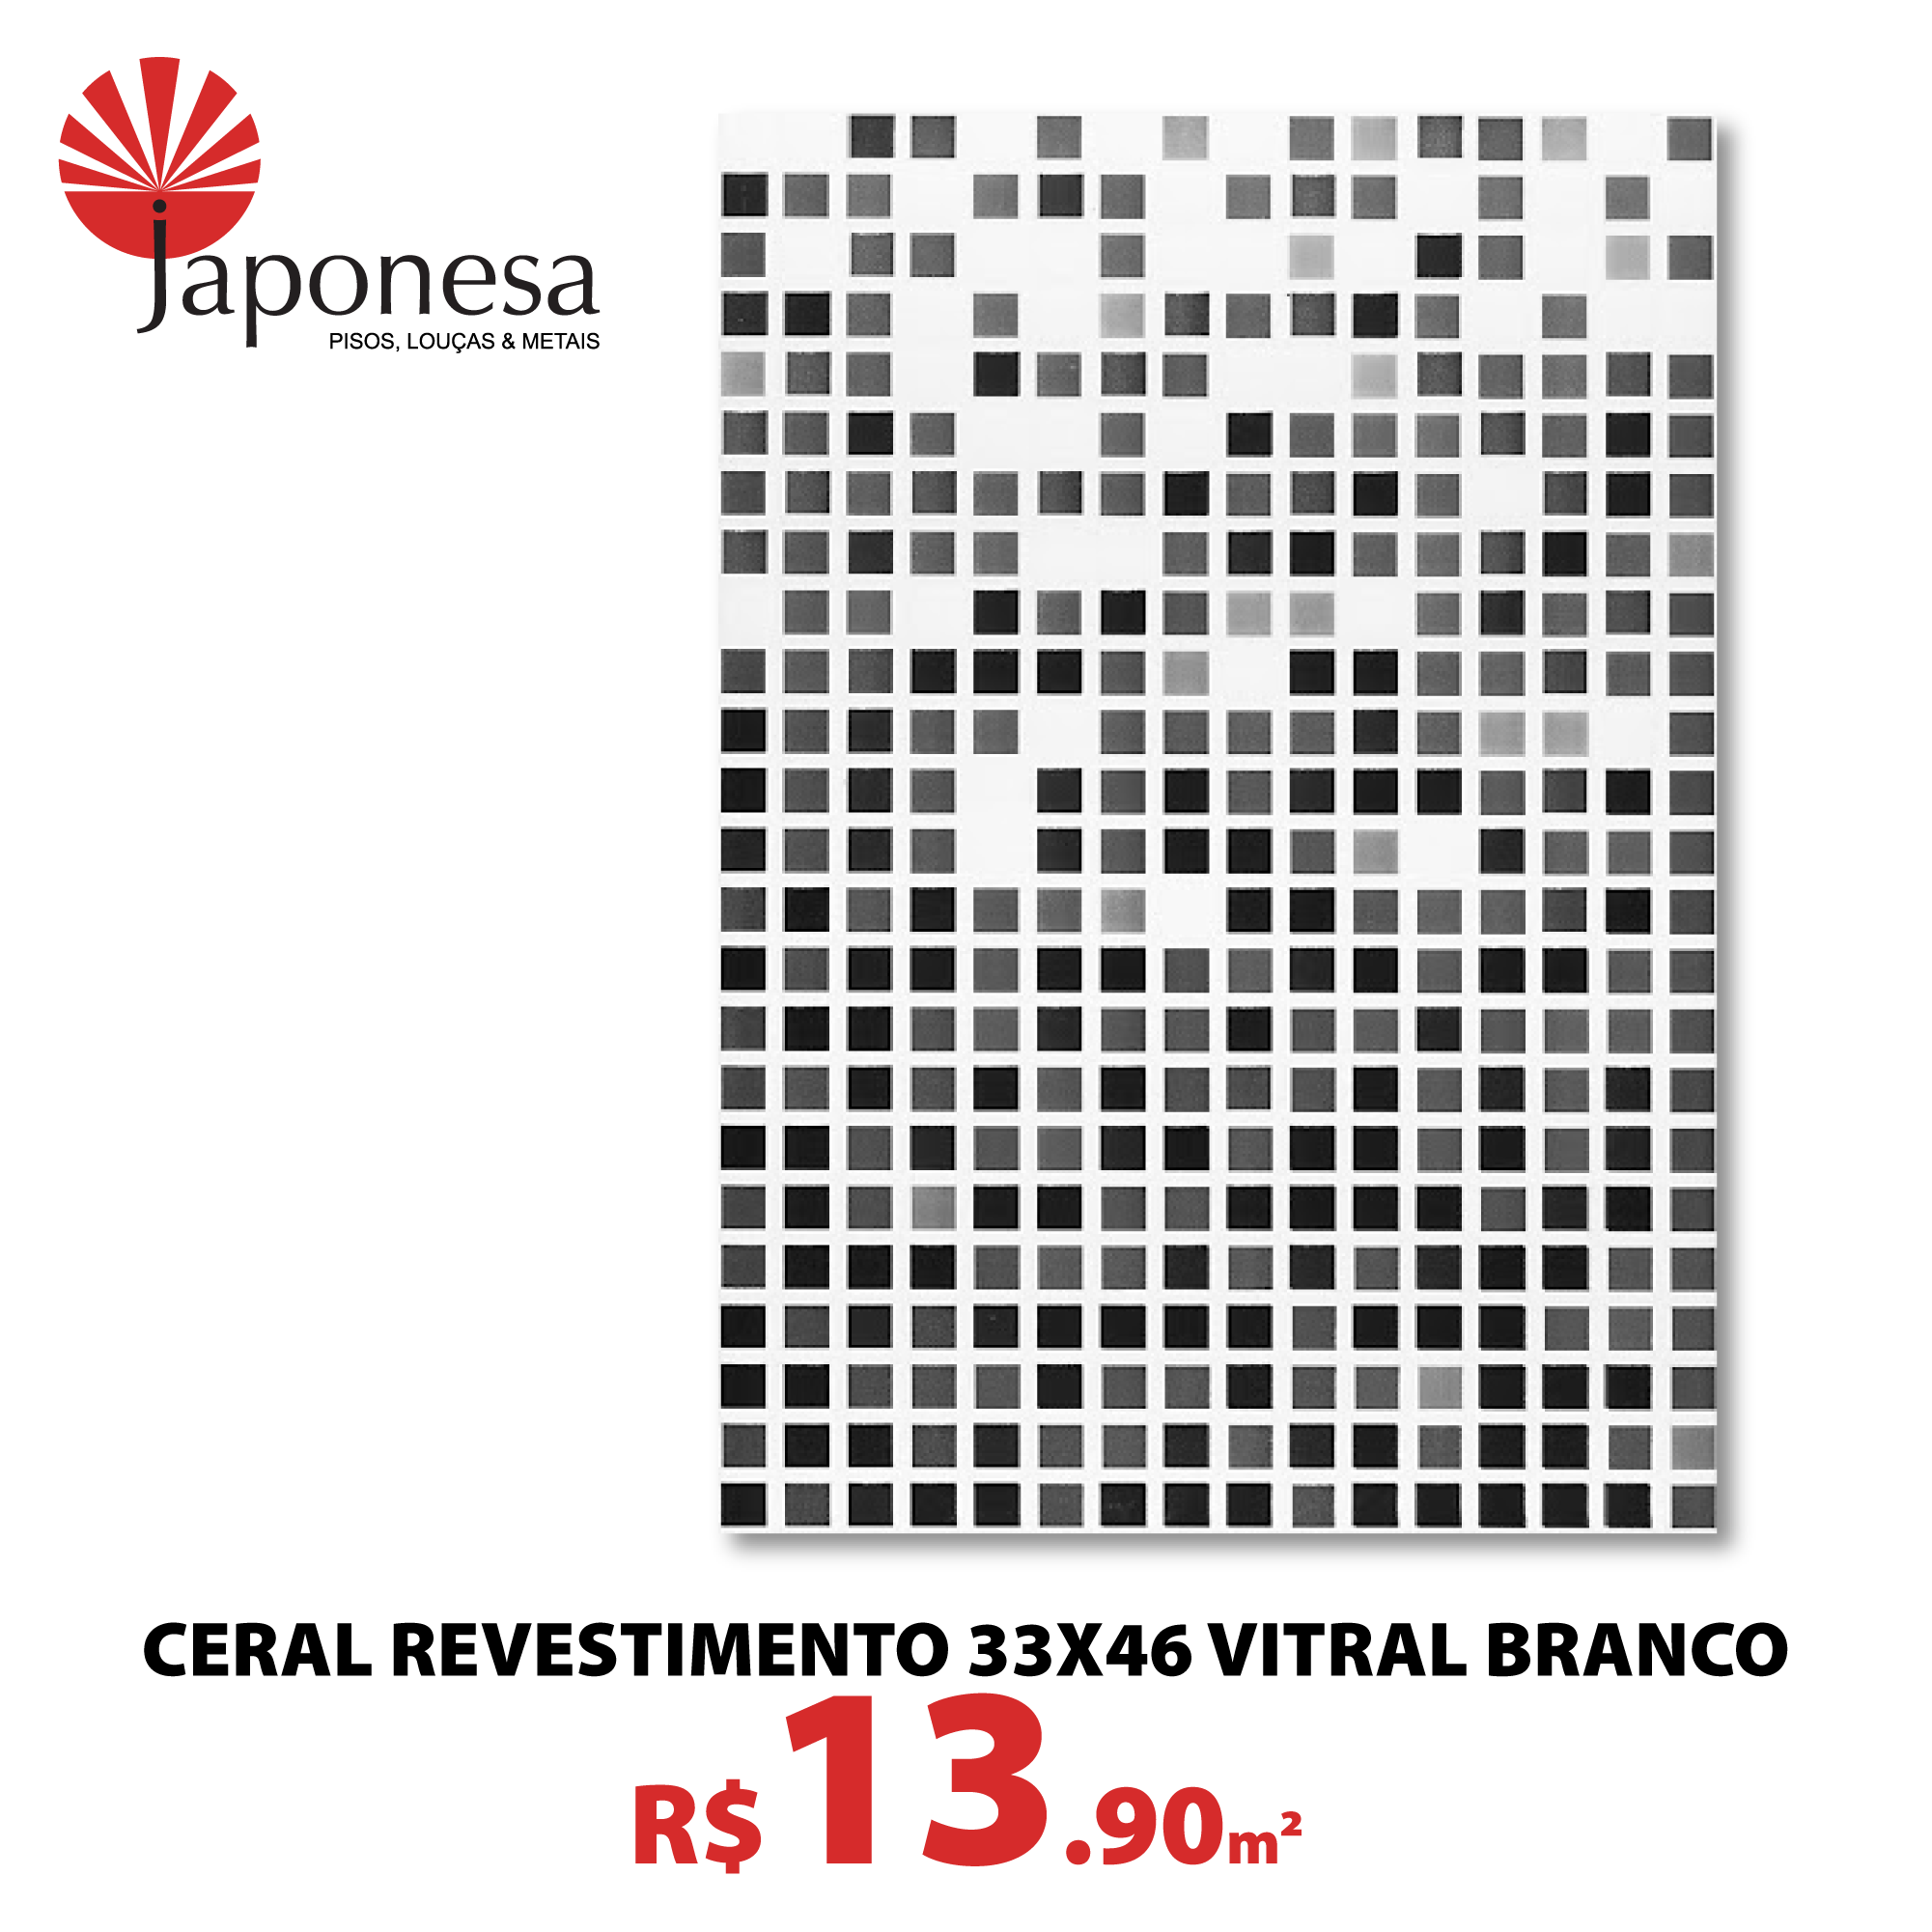 Ceral Revestimento 33×46 Vitral Branco